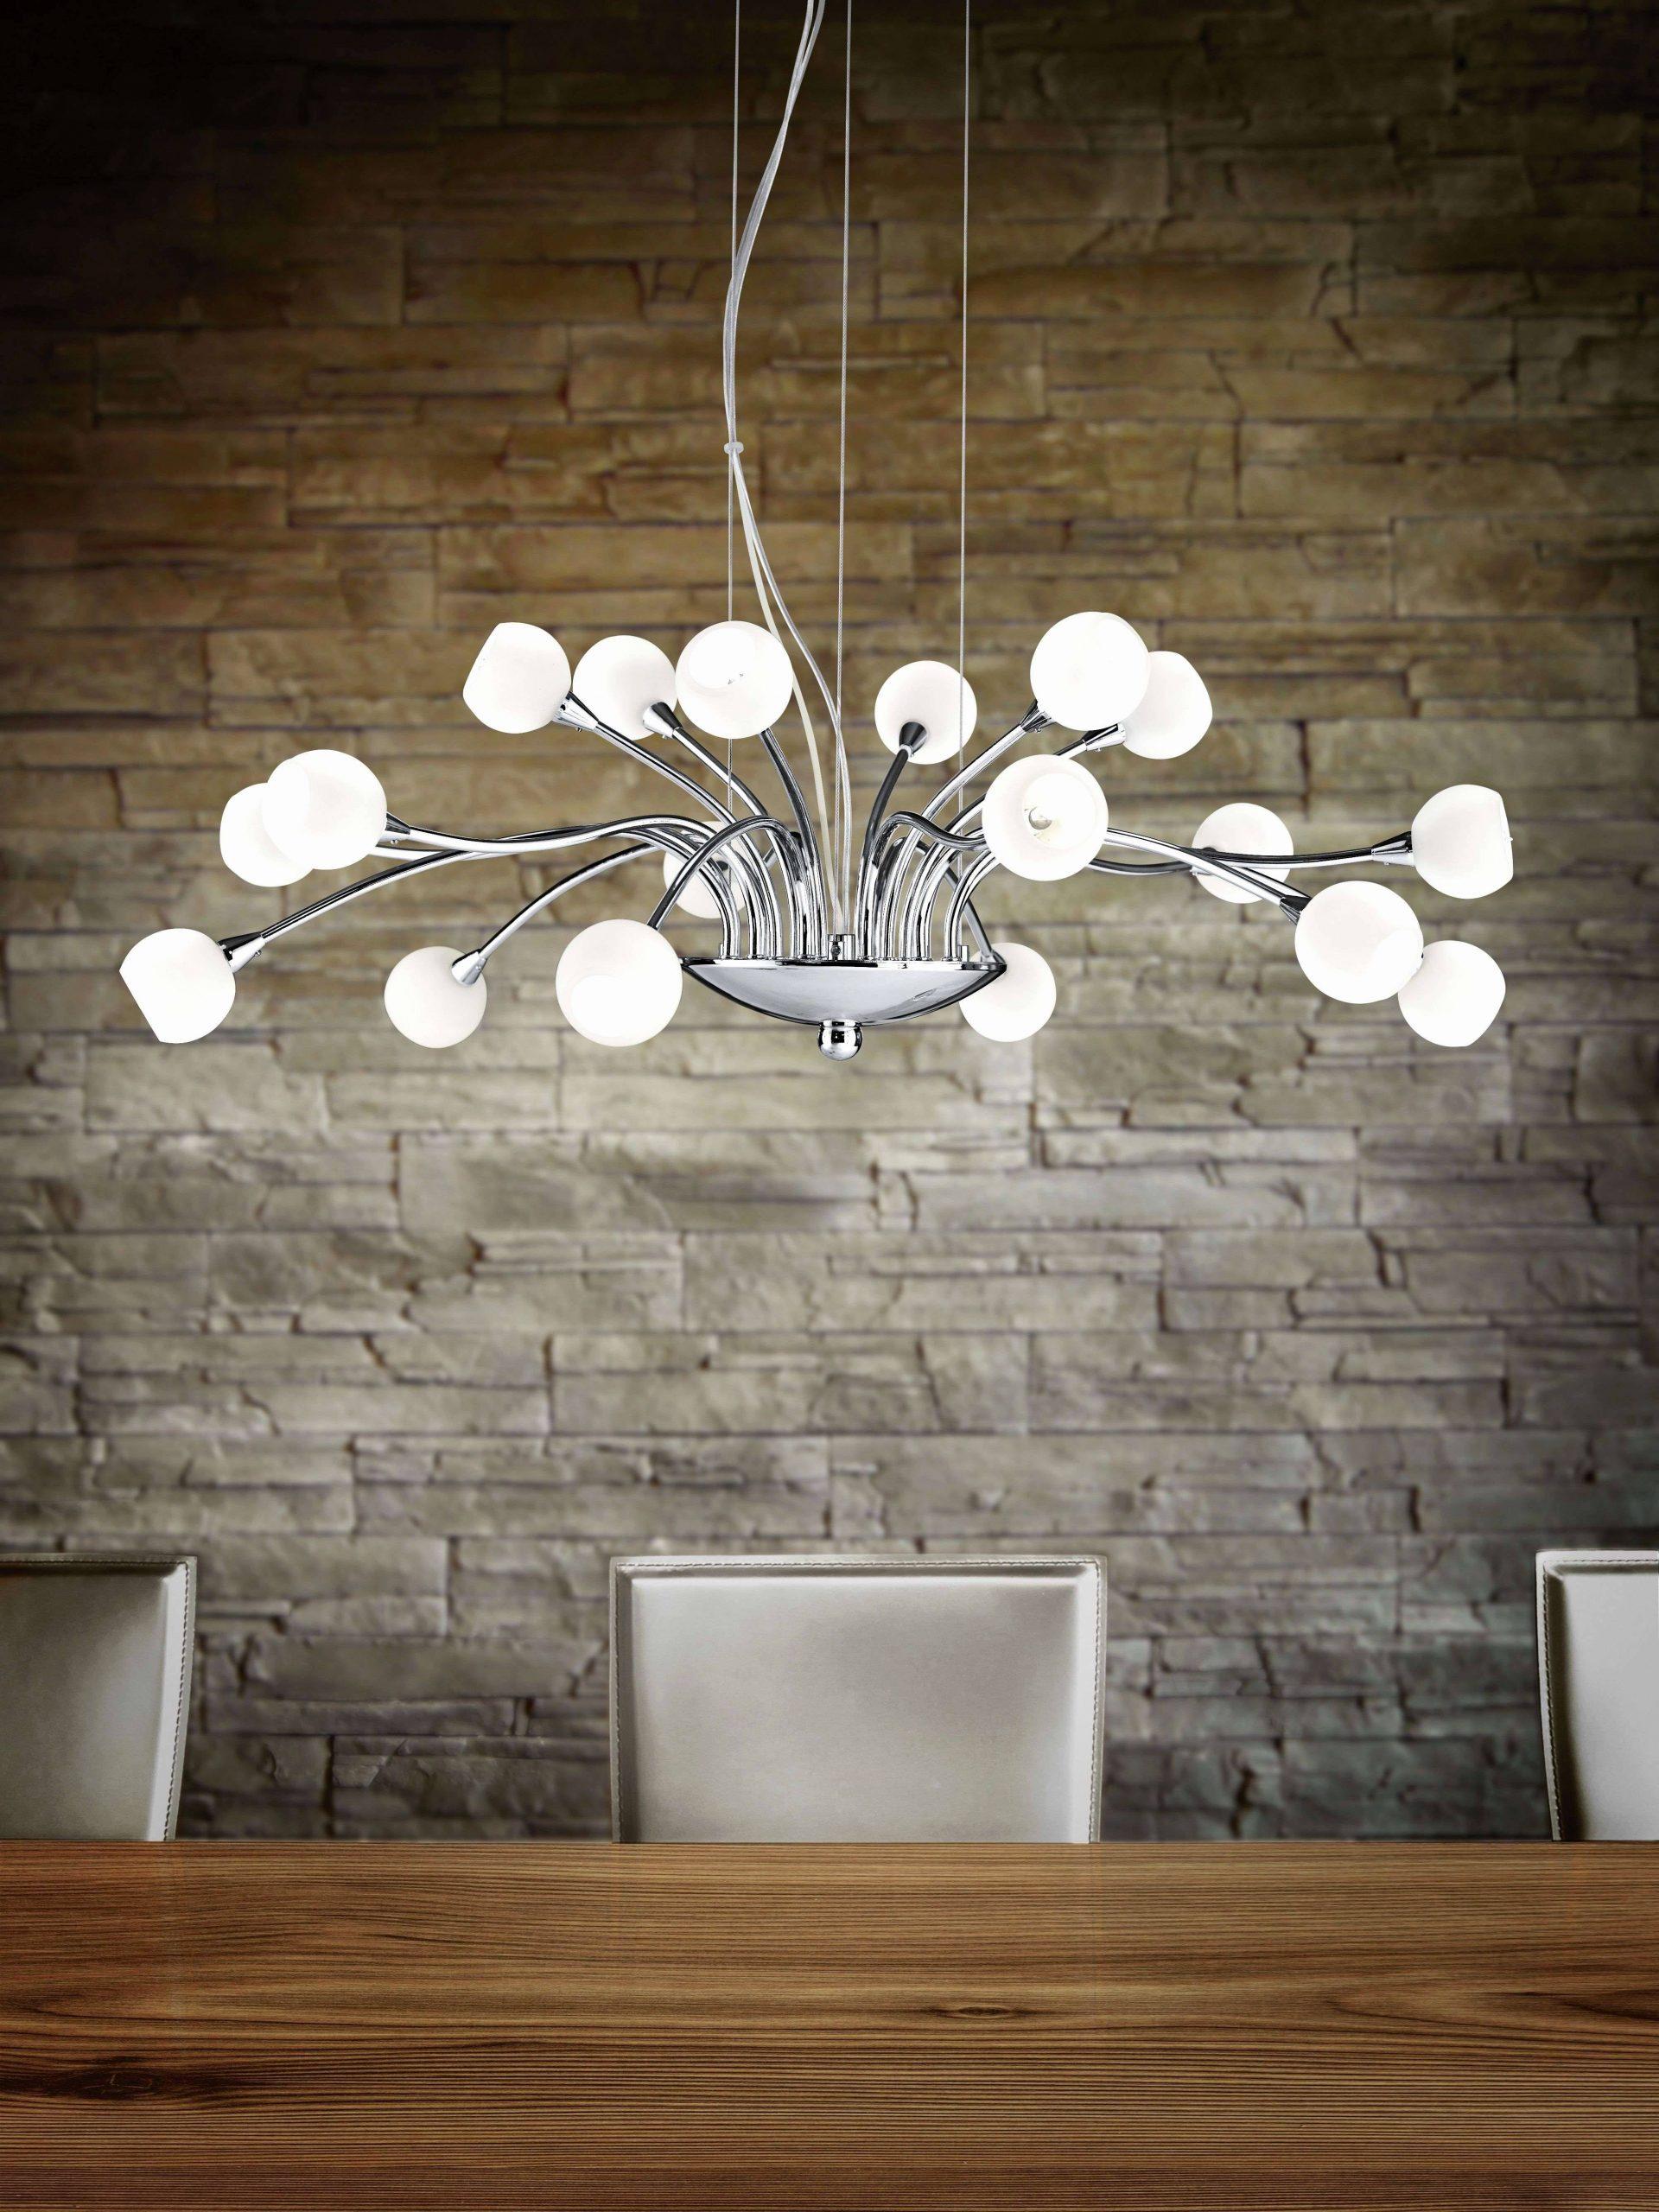 Full Size of Designer Lampen Esstisch Lampe Badezimmer Deckenlampen Für Wohnzimmer Bad Led Küche Esstische Regale Modern Stehlampen Schlafzimmer Betten Wohnzimmer Designer Lampen